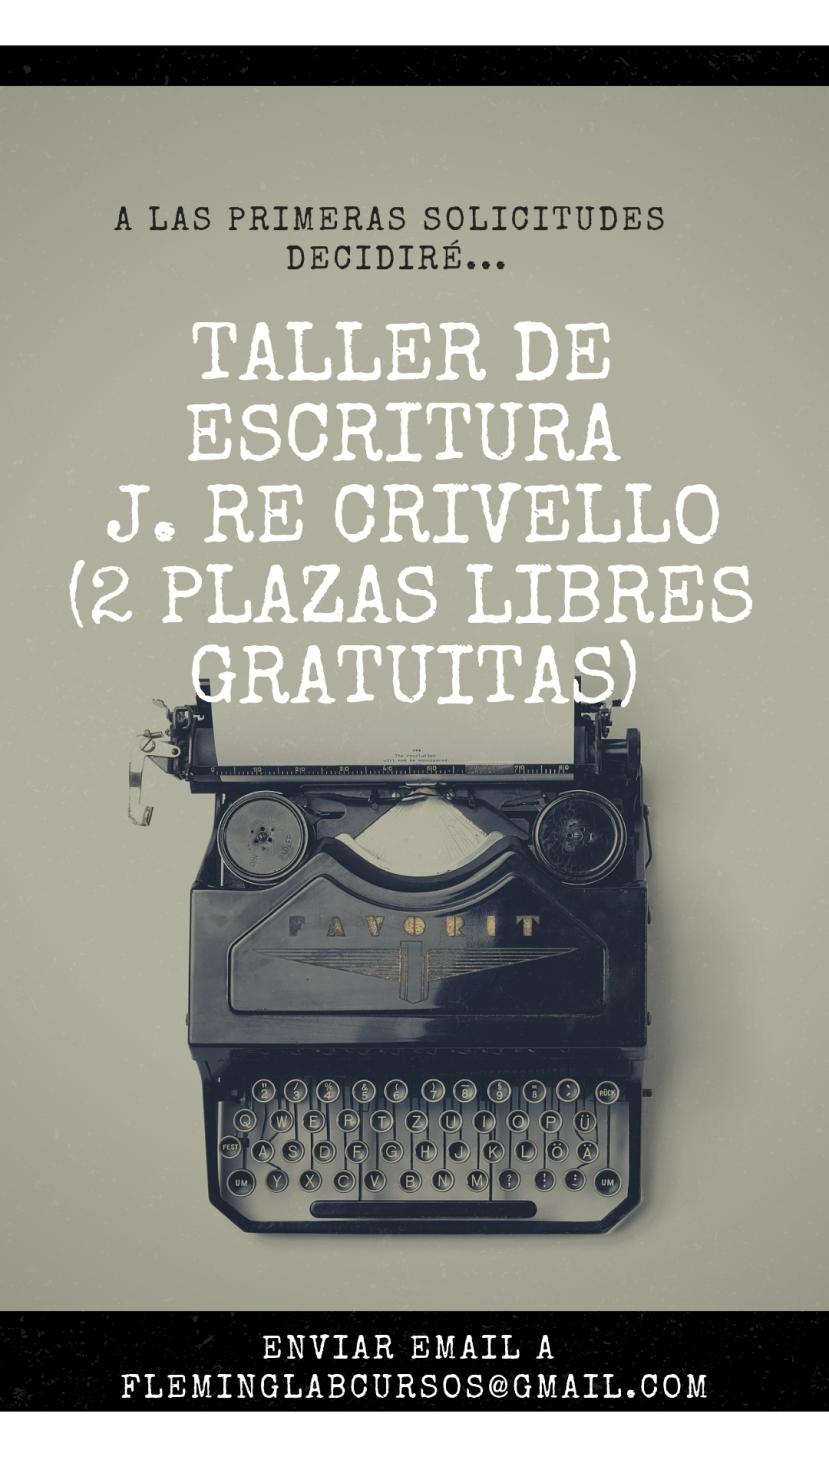 Taller de escritura j. re crivello (2 plazas libres gratuitas)